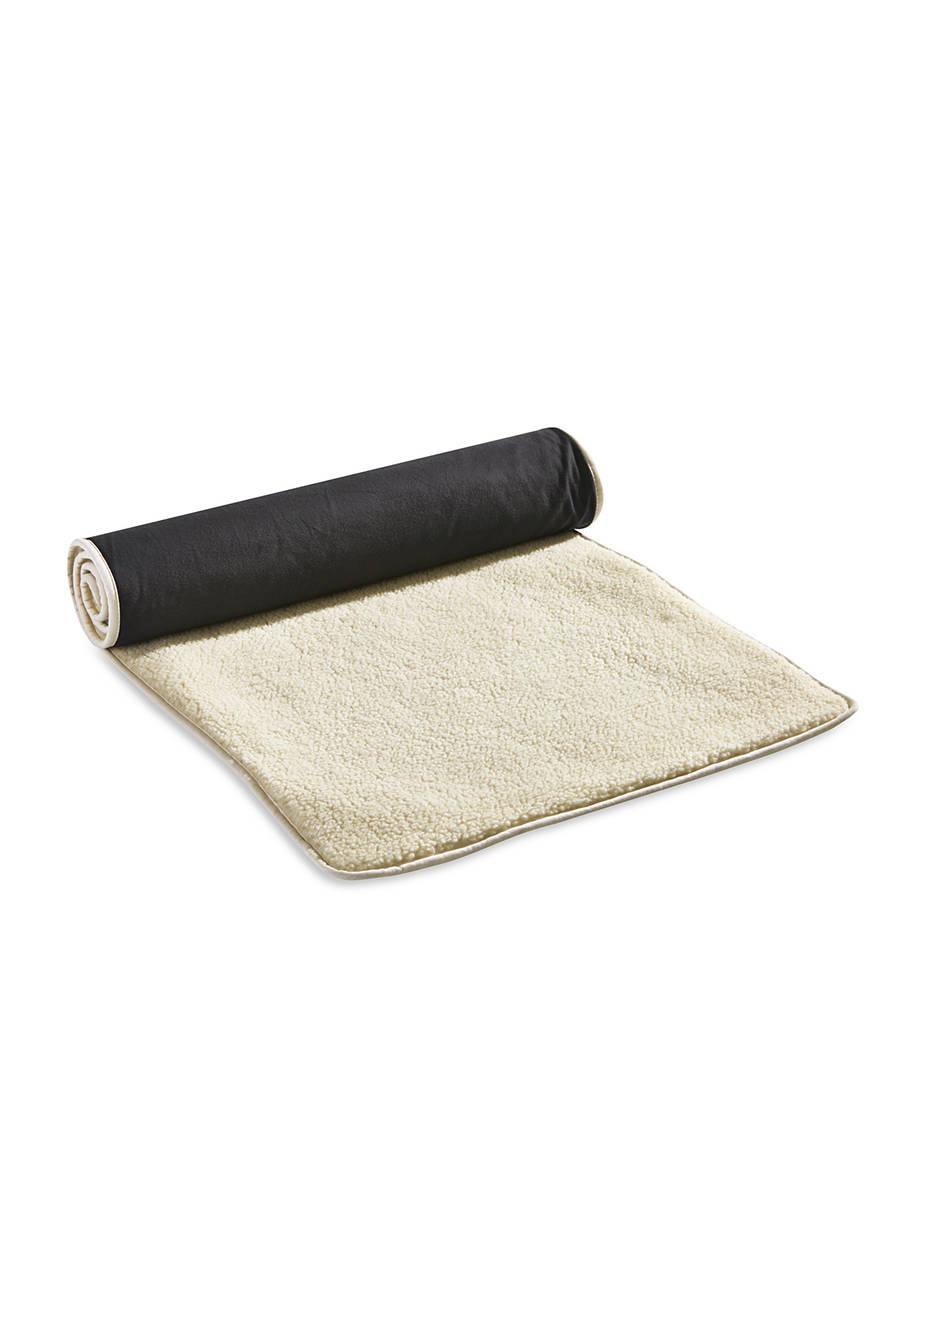 Yogamatte Lammflor in Bio-Qualität